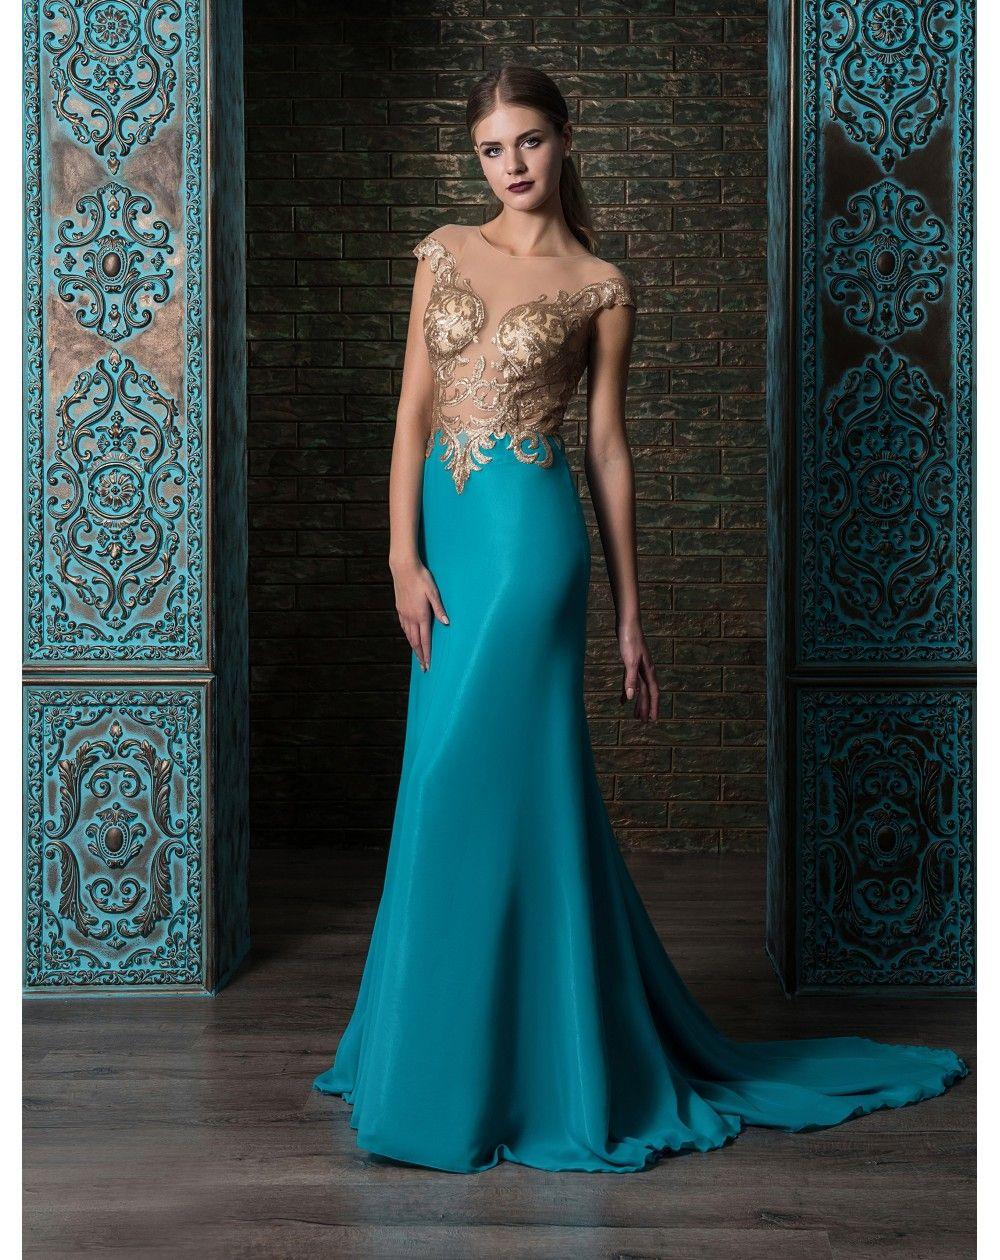 9534e30f1fda Extravagantné priliehavé večerné šaty so šifónovou sukňou s vlečkou. Zvršok  je posiaty zlatou aplikáciou